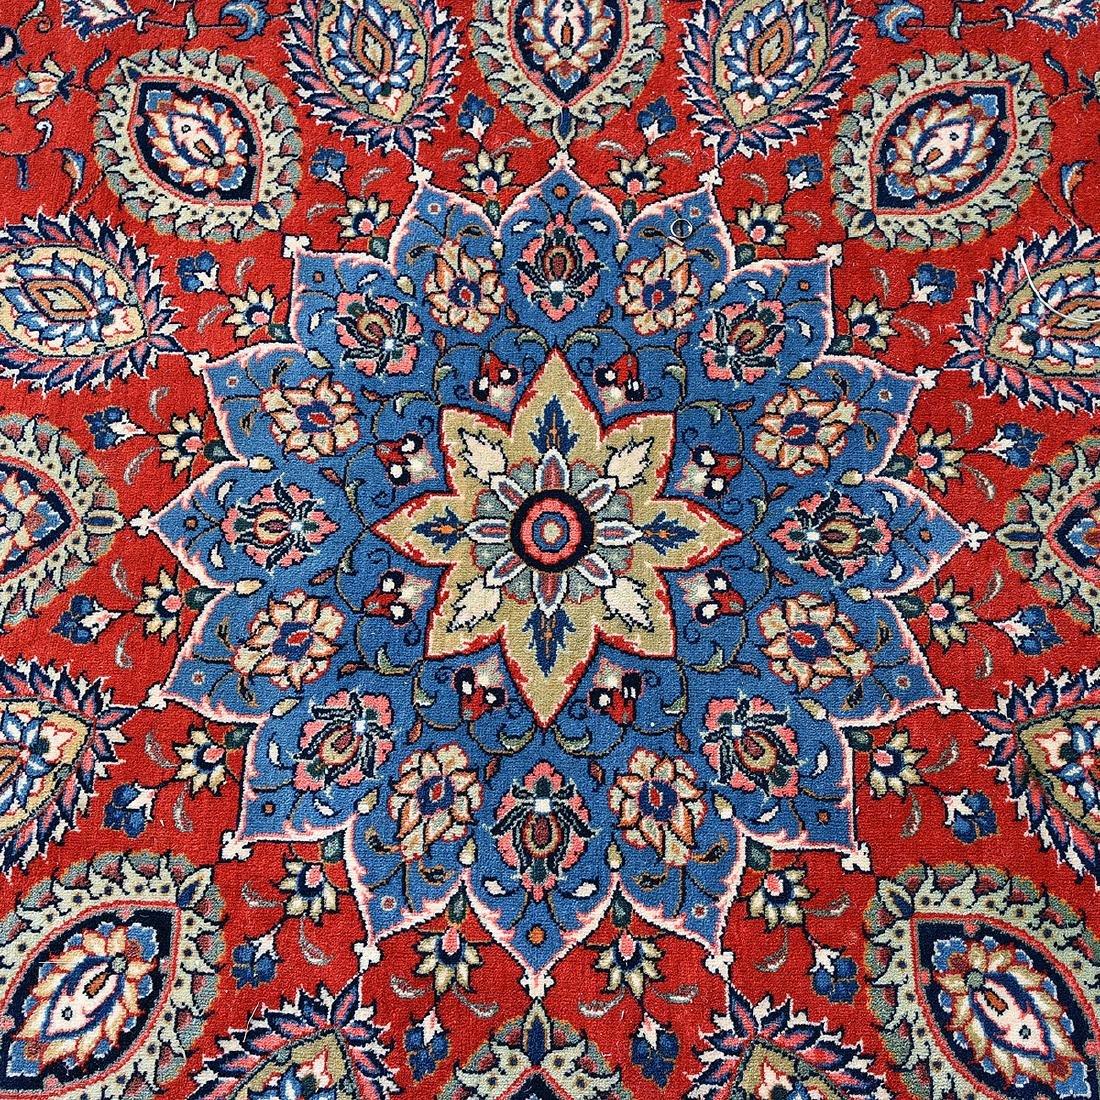 Indo-Kashan Scarlet and Blue Ground Carpet - 4